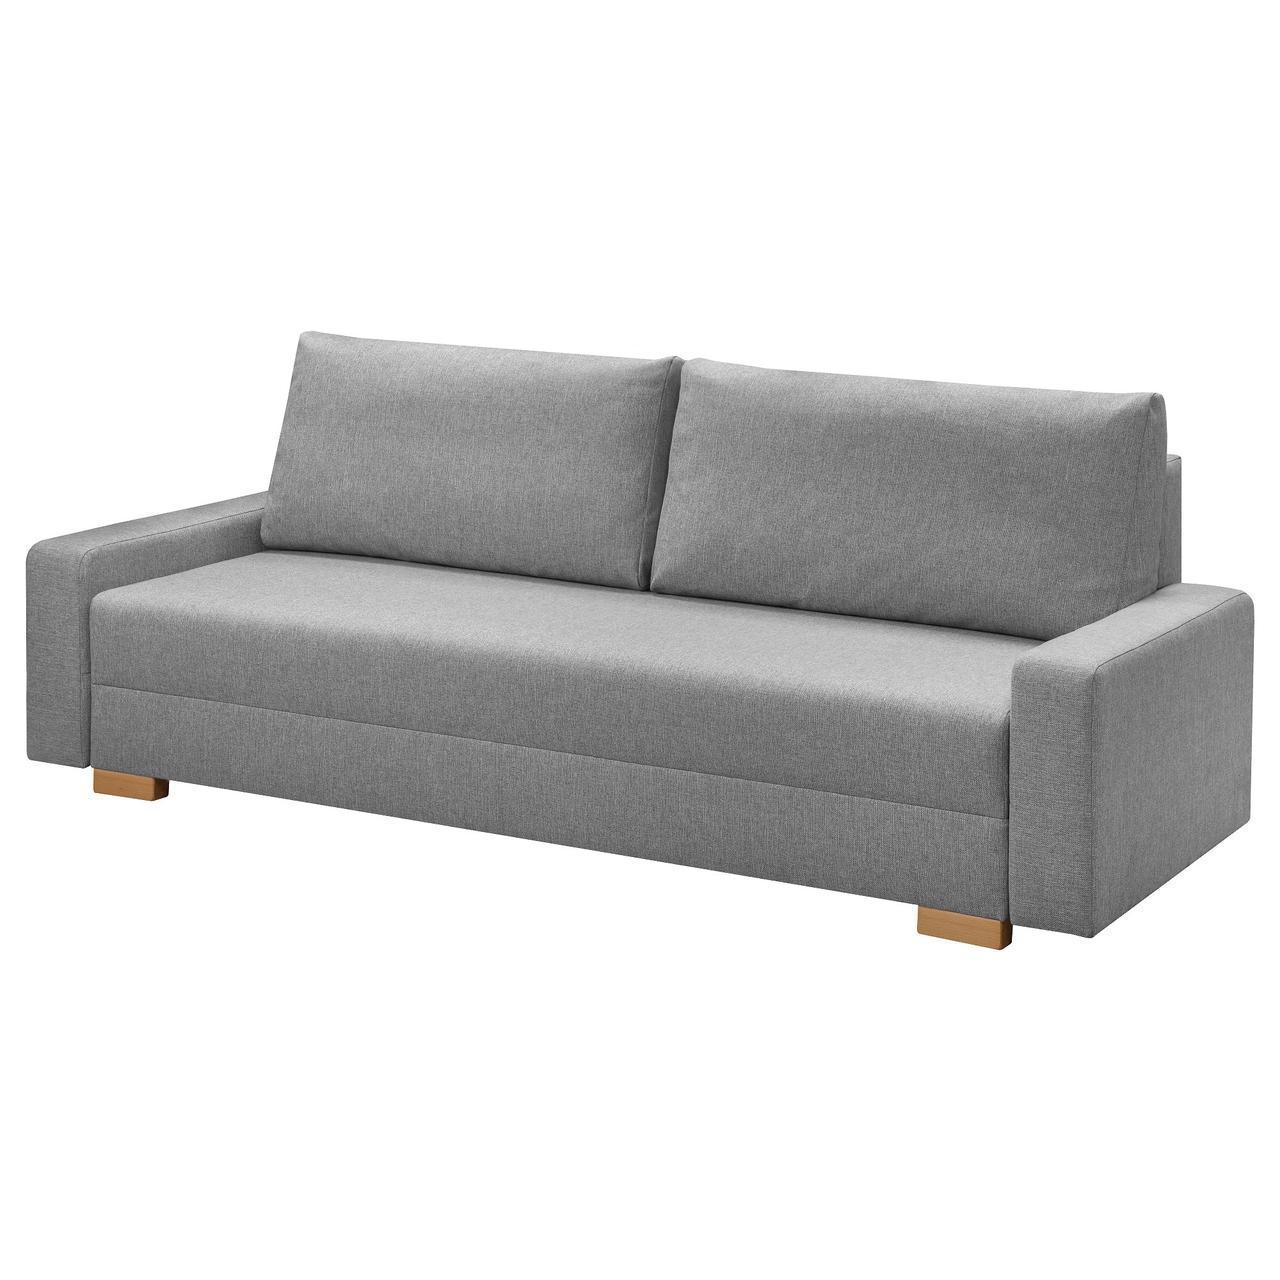 Диван IKEA GRÄLVIKEN раскладной 3-местный серый 703.405.67